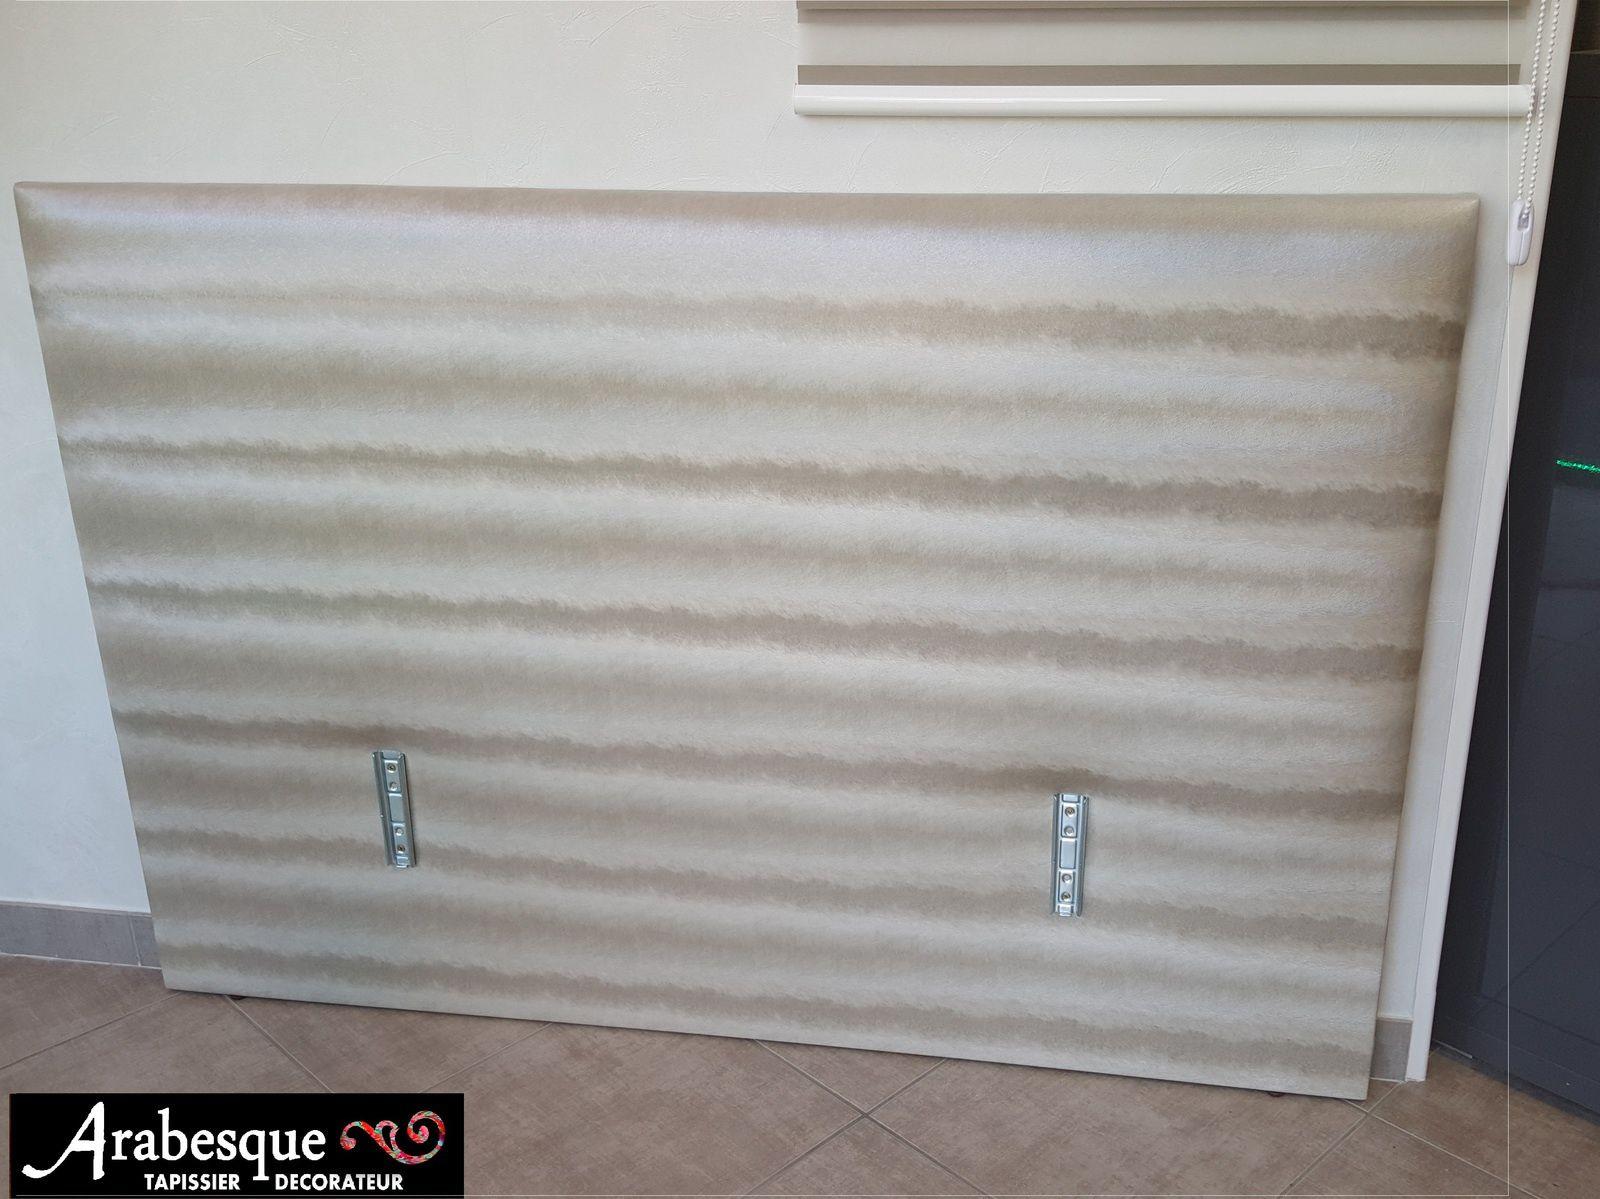 r alisation tete de lit sur mesure arabesque thiers tapissier decorateur. Black Bedroom Furniture Sets. Home Design Ideas